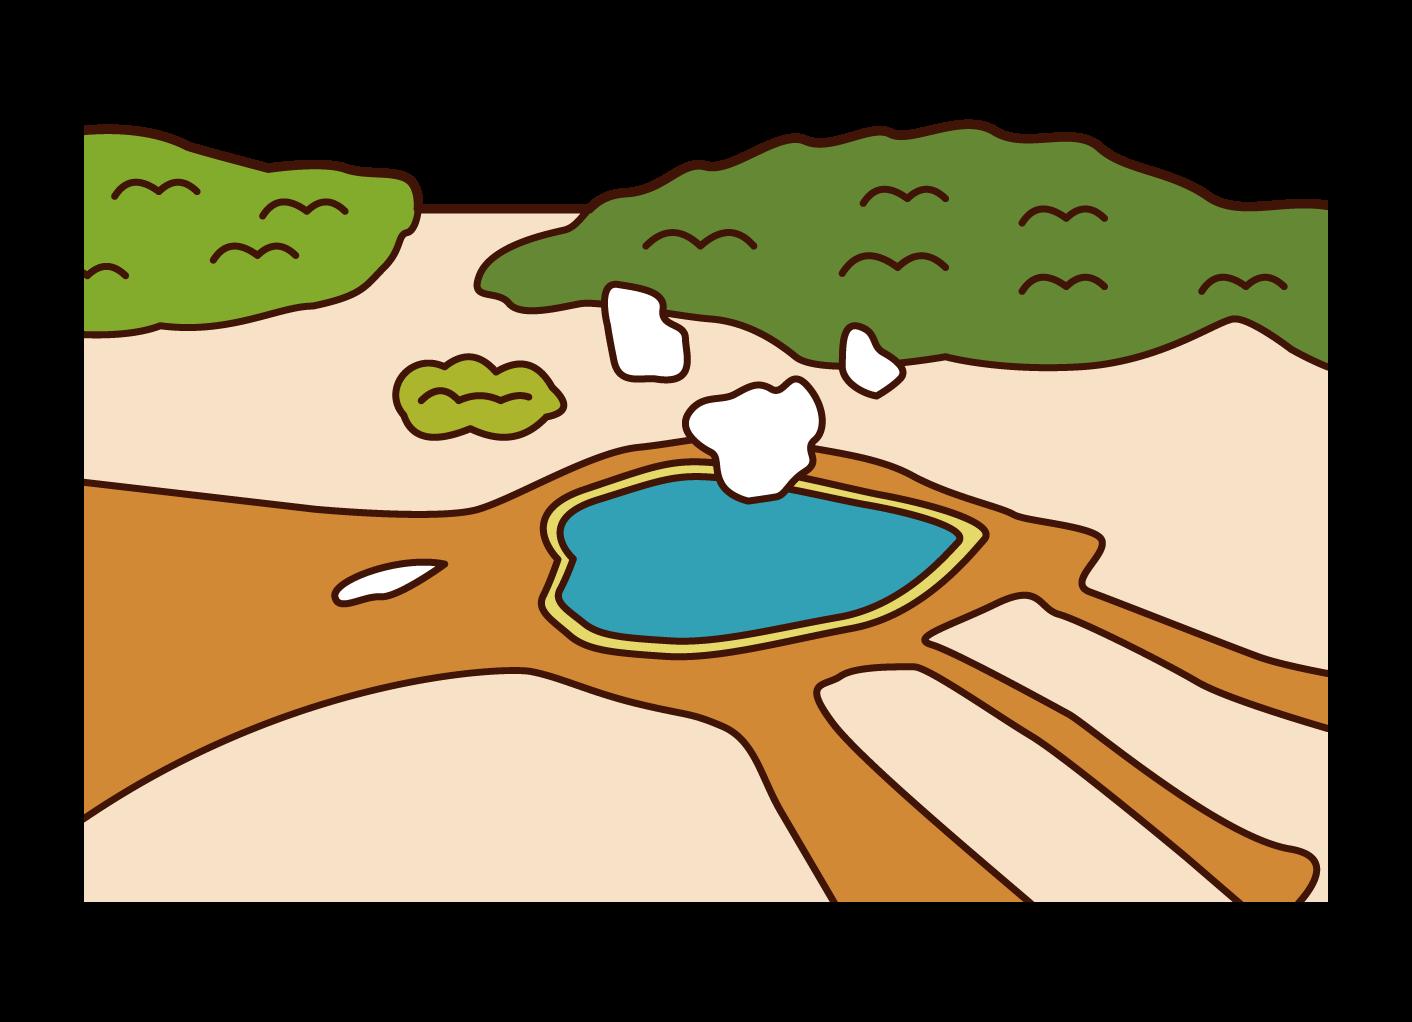 옐로스톤 국립공원 일러스트레이션